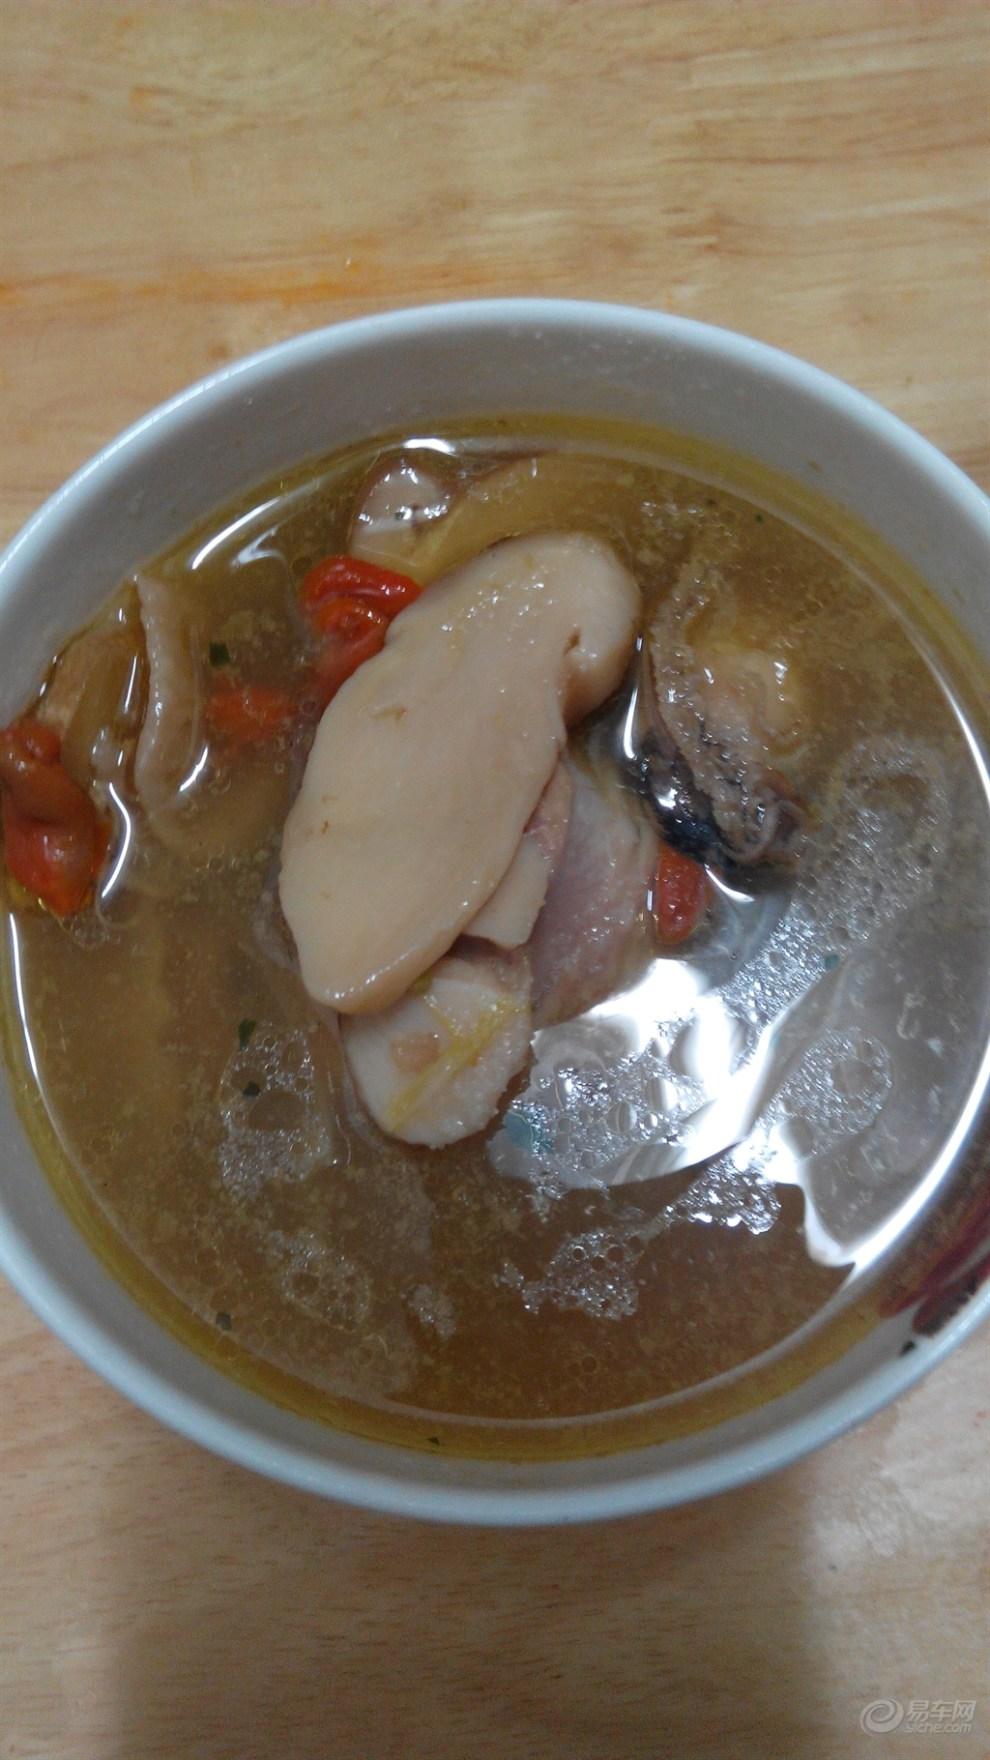 【马上有松茸】松茸,海参,鲍鱼,老鸡汤